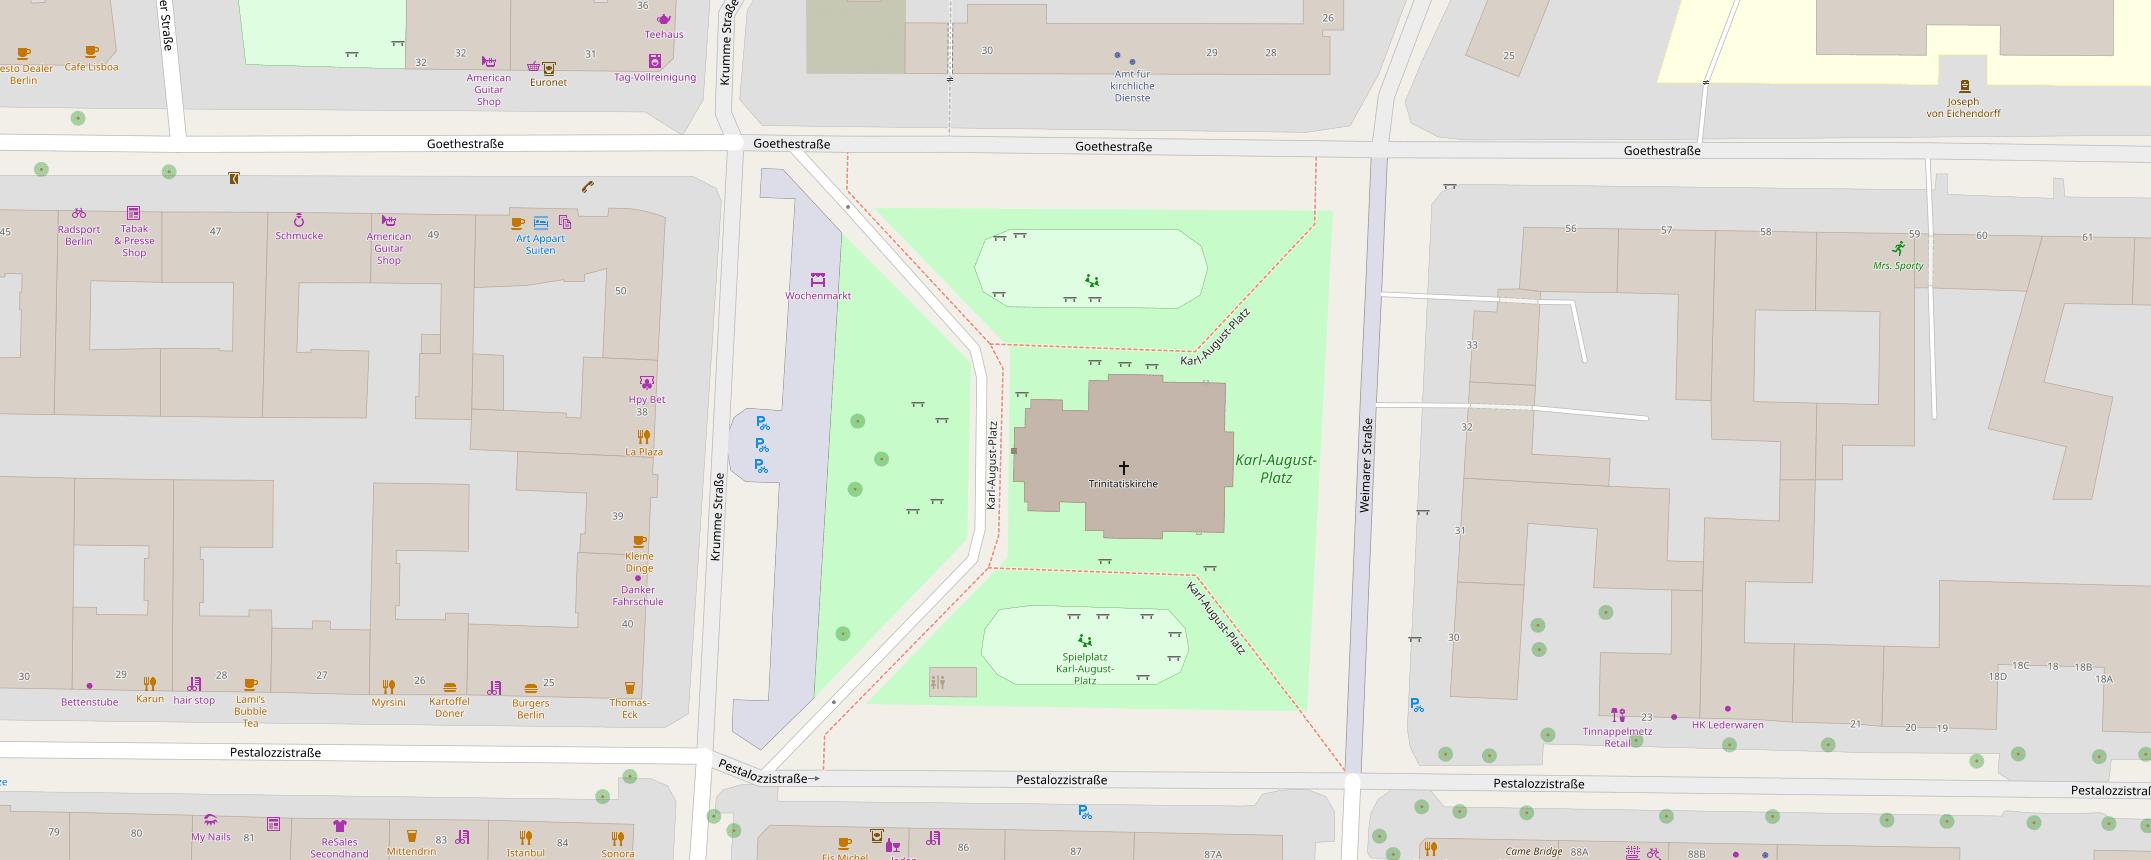 Karl-August-Platz (OSM)